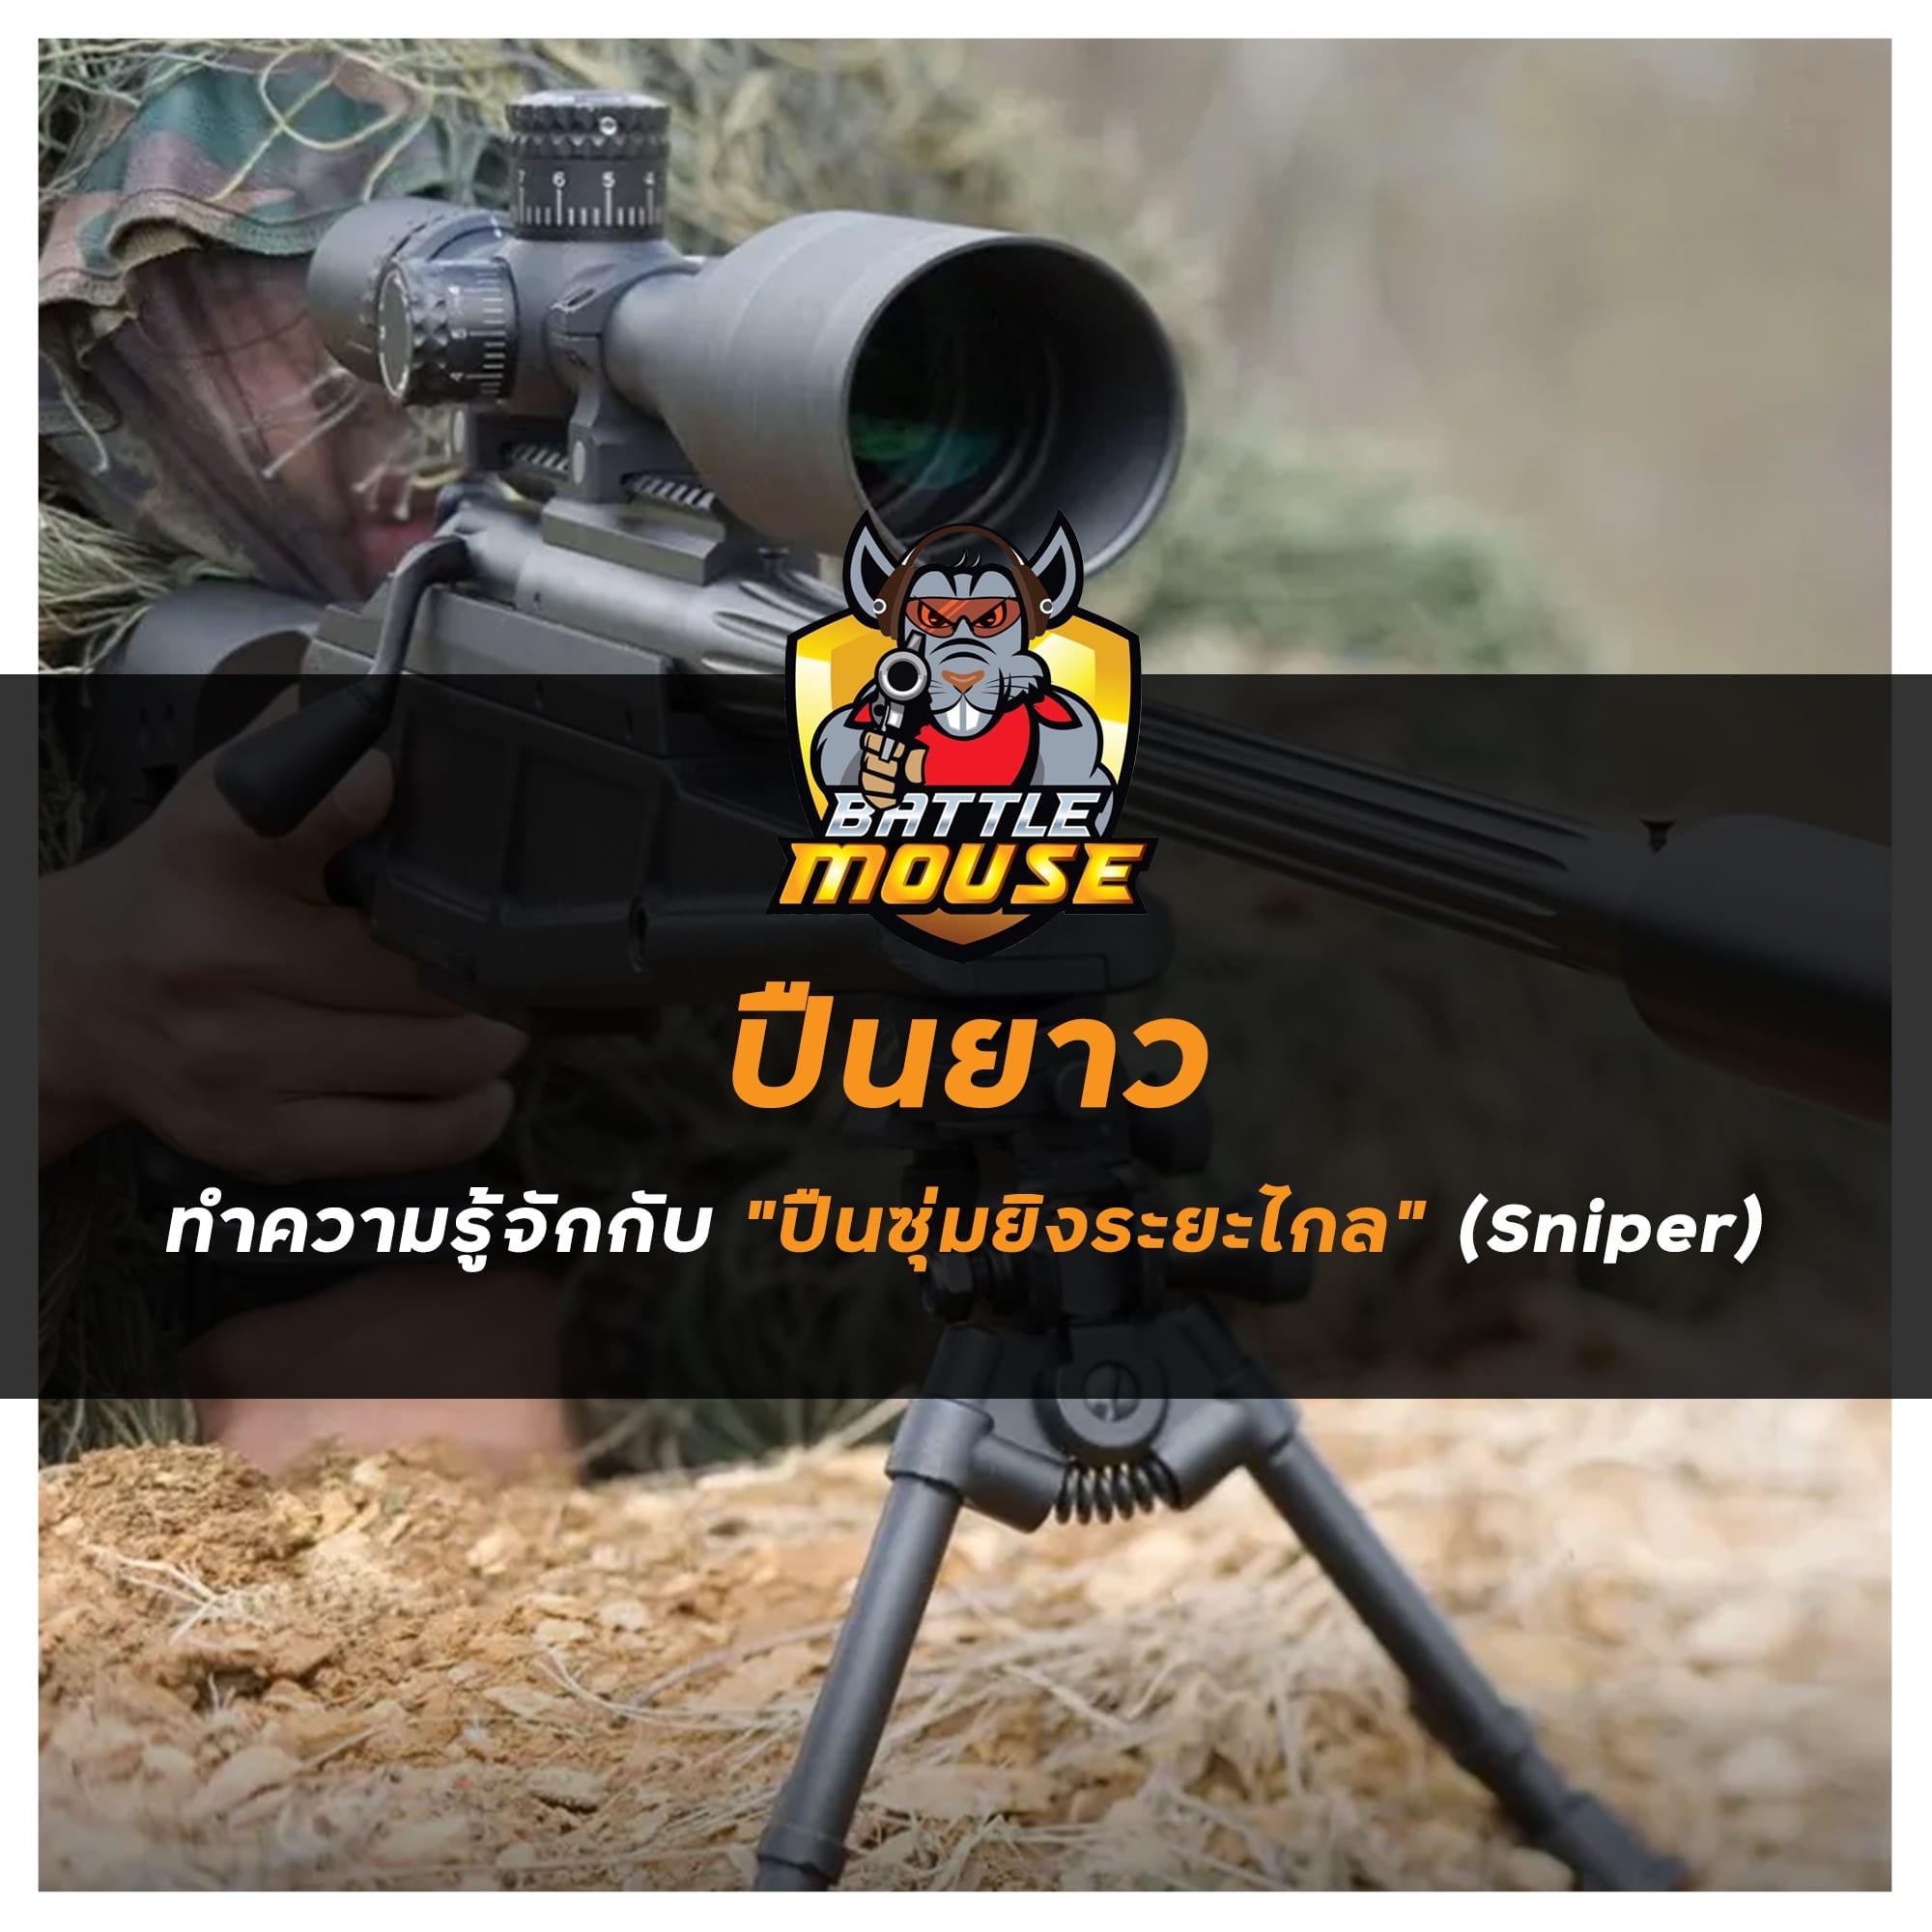 """ปืนยาว ทำความรู้จักกับ """"ปืนซุ่มยิงระยะไกล"""" (Sniper)"""